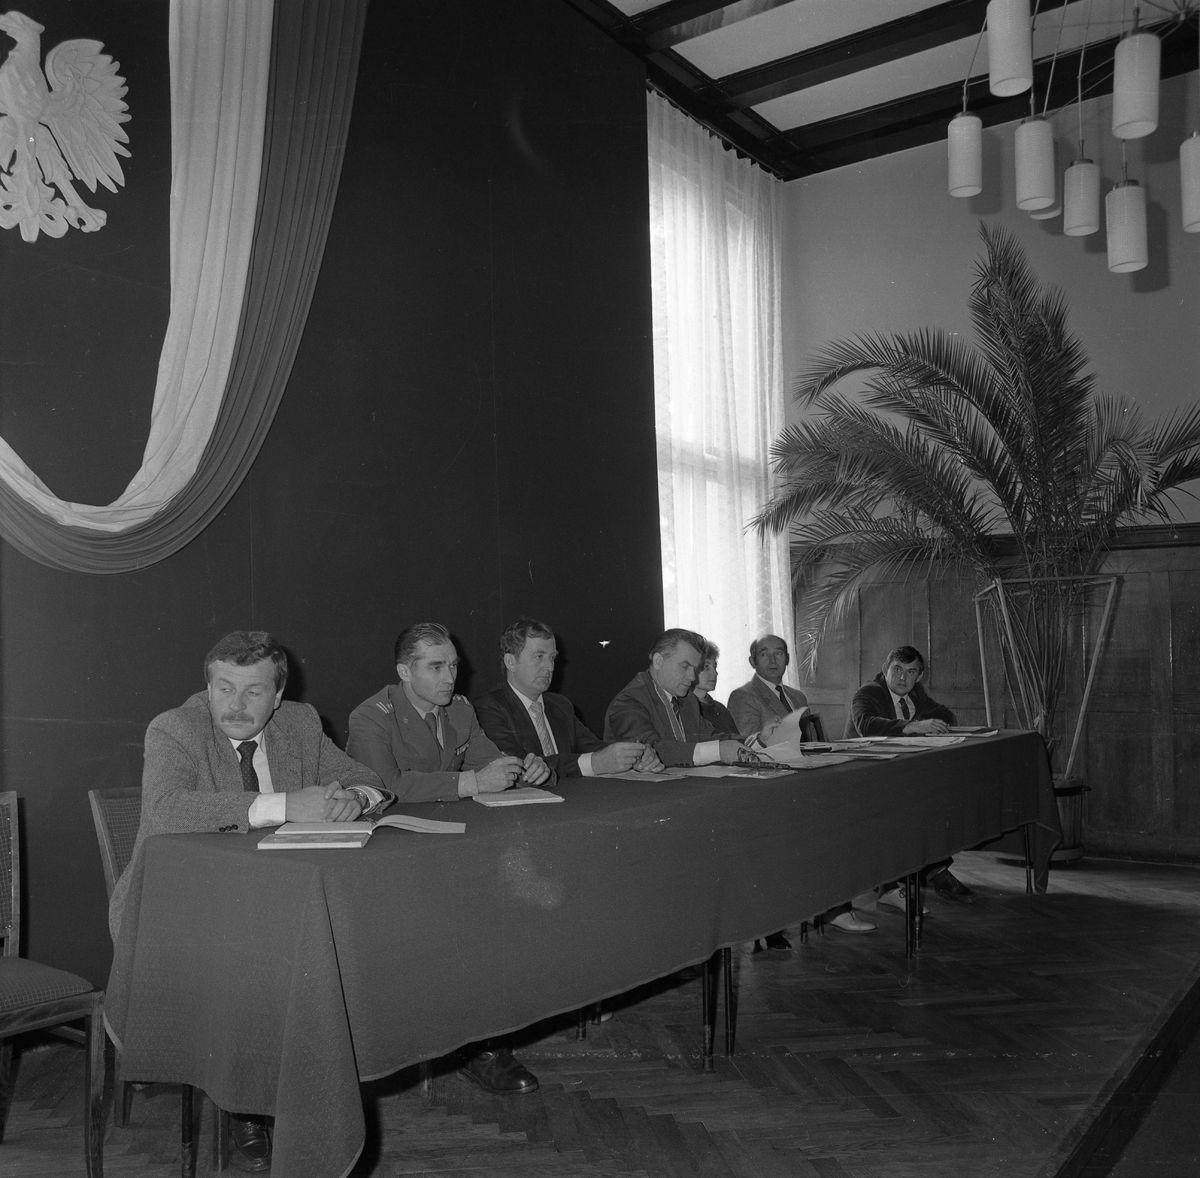 Sesja Miejskiej Rady Narodowej [4]